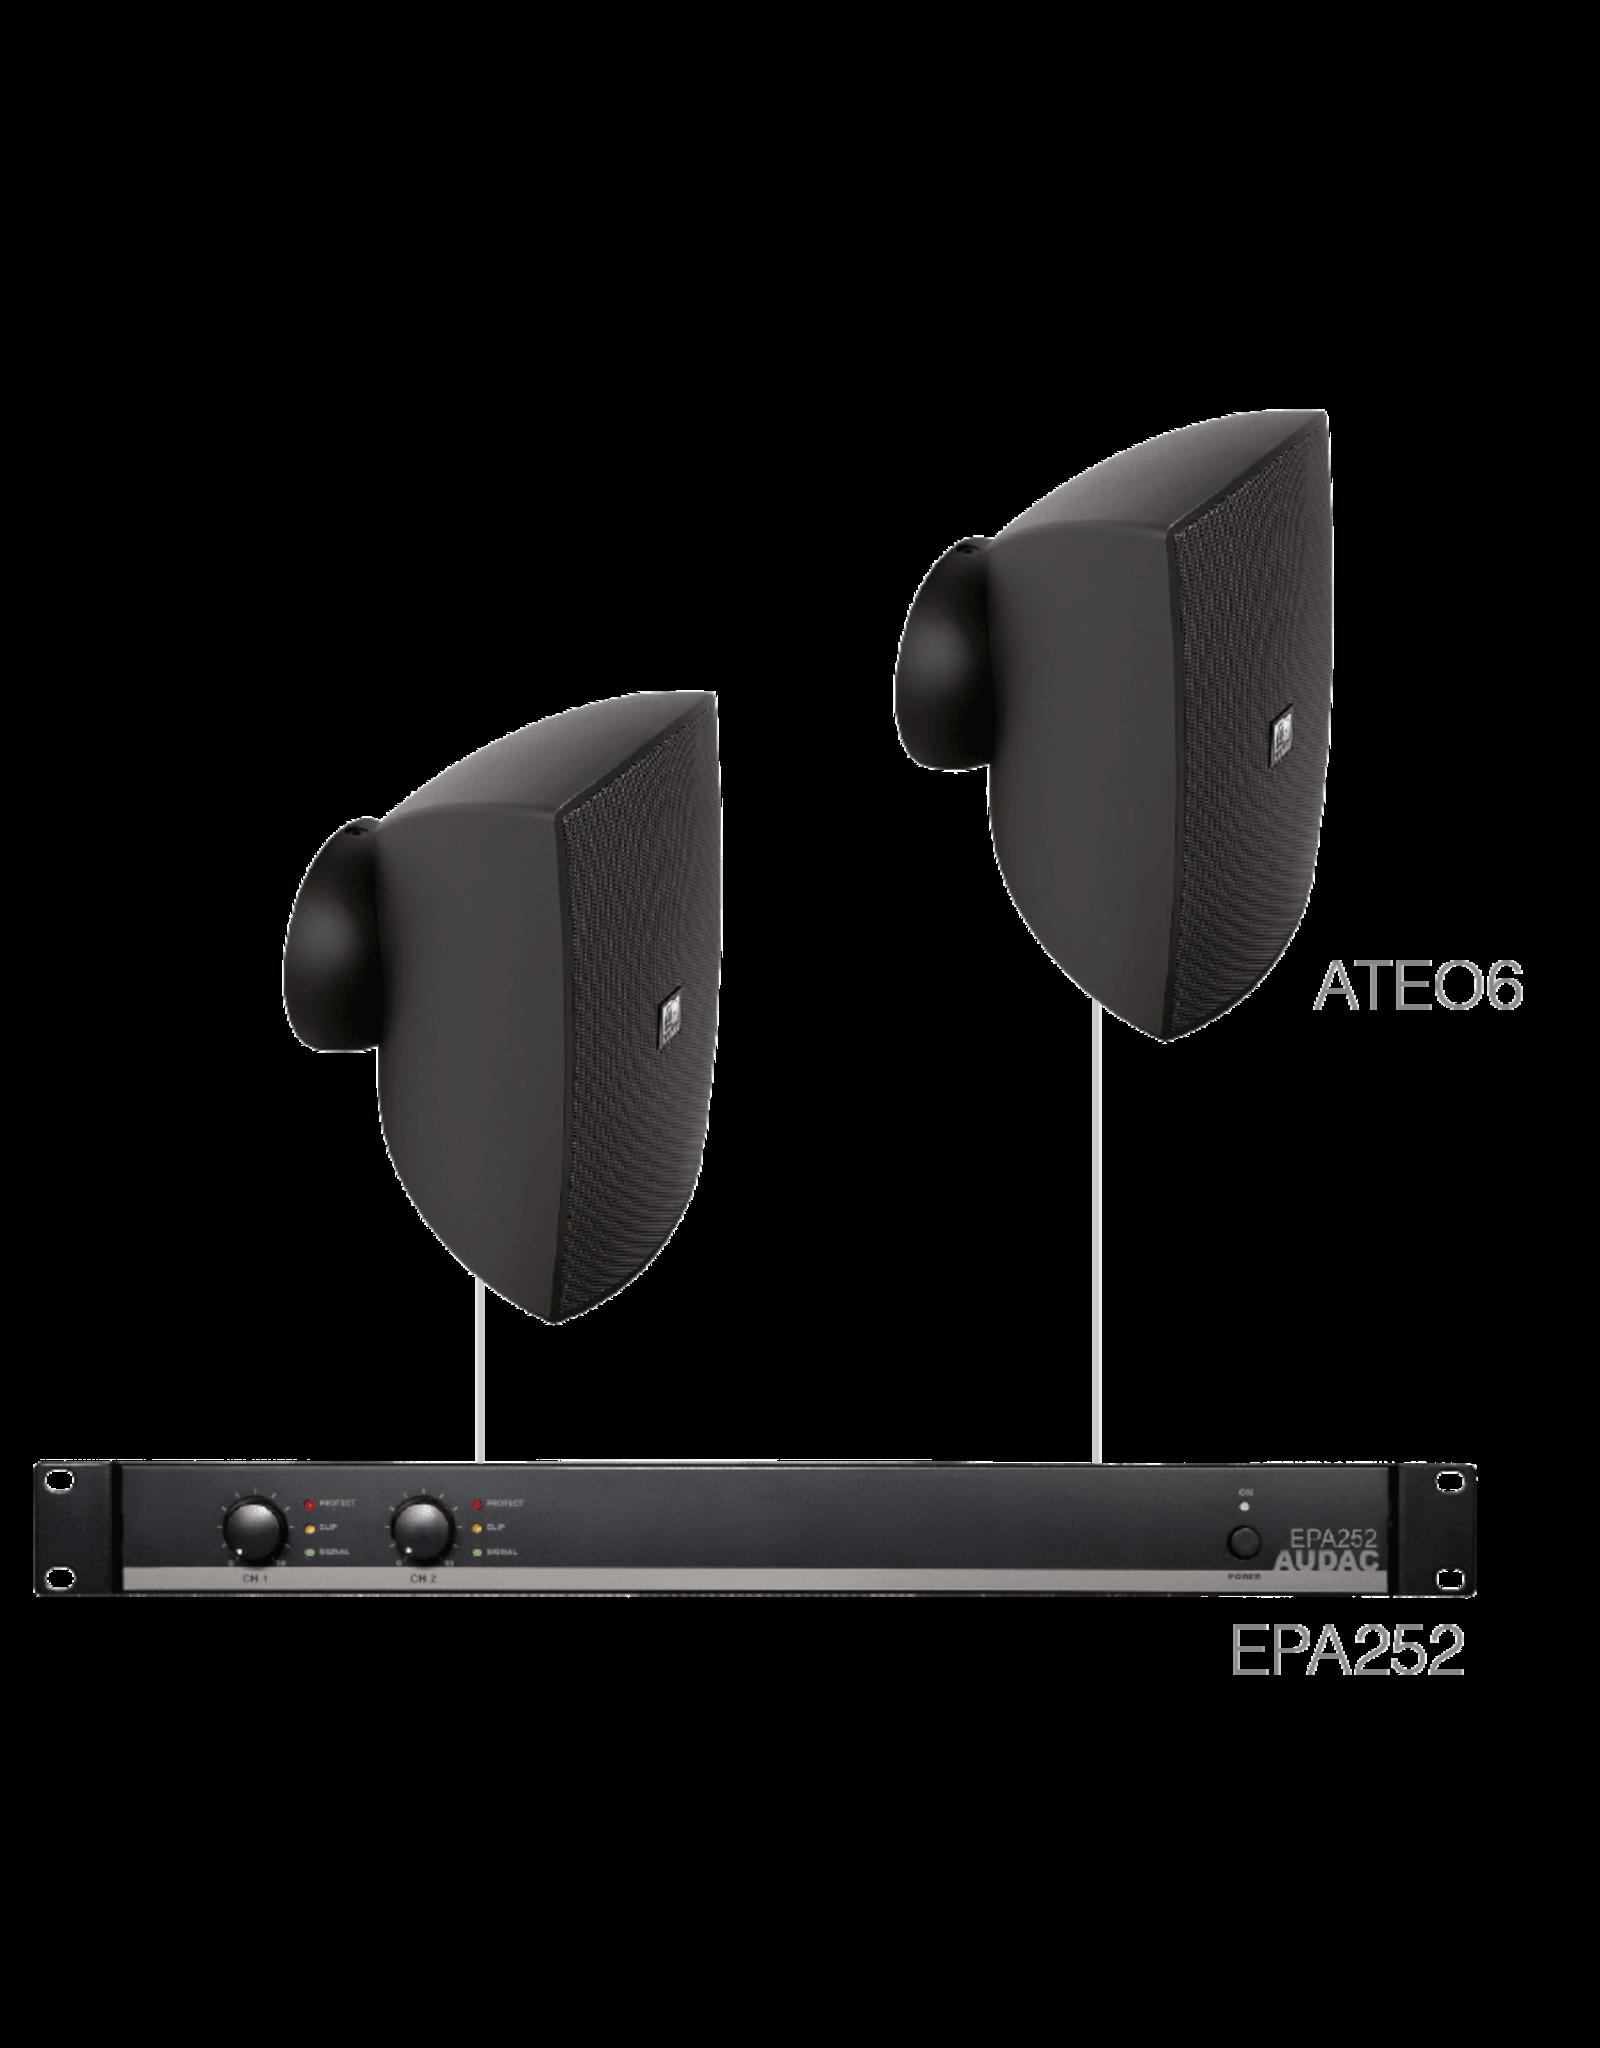 Audac 2 x ATEO6 + EPA252 Black